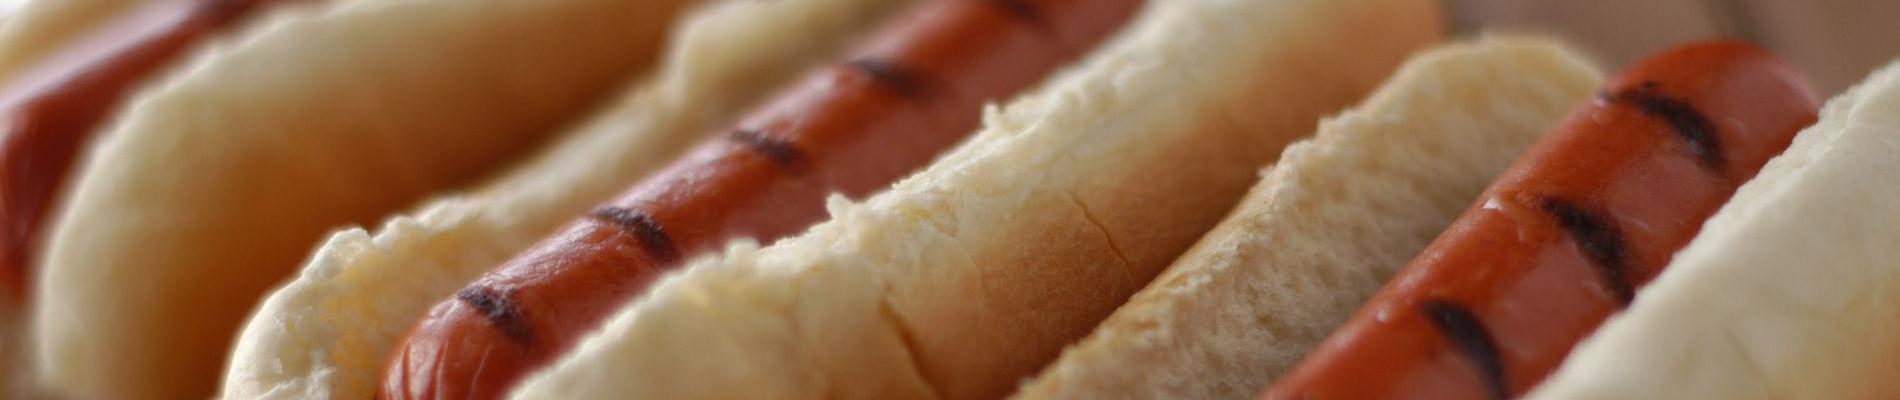 Hot Dog Fridays!